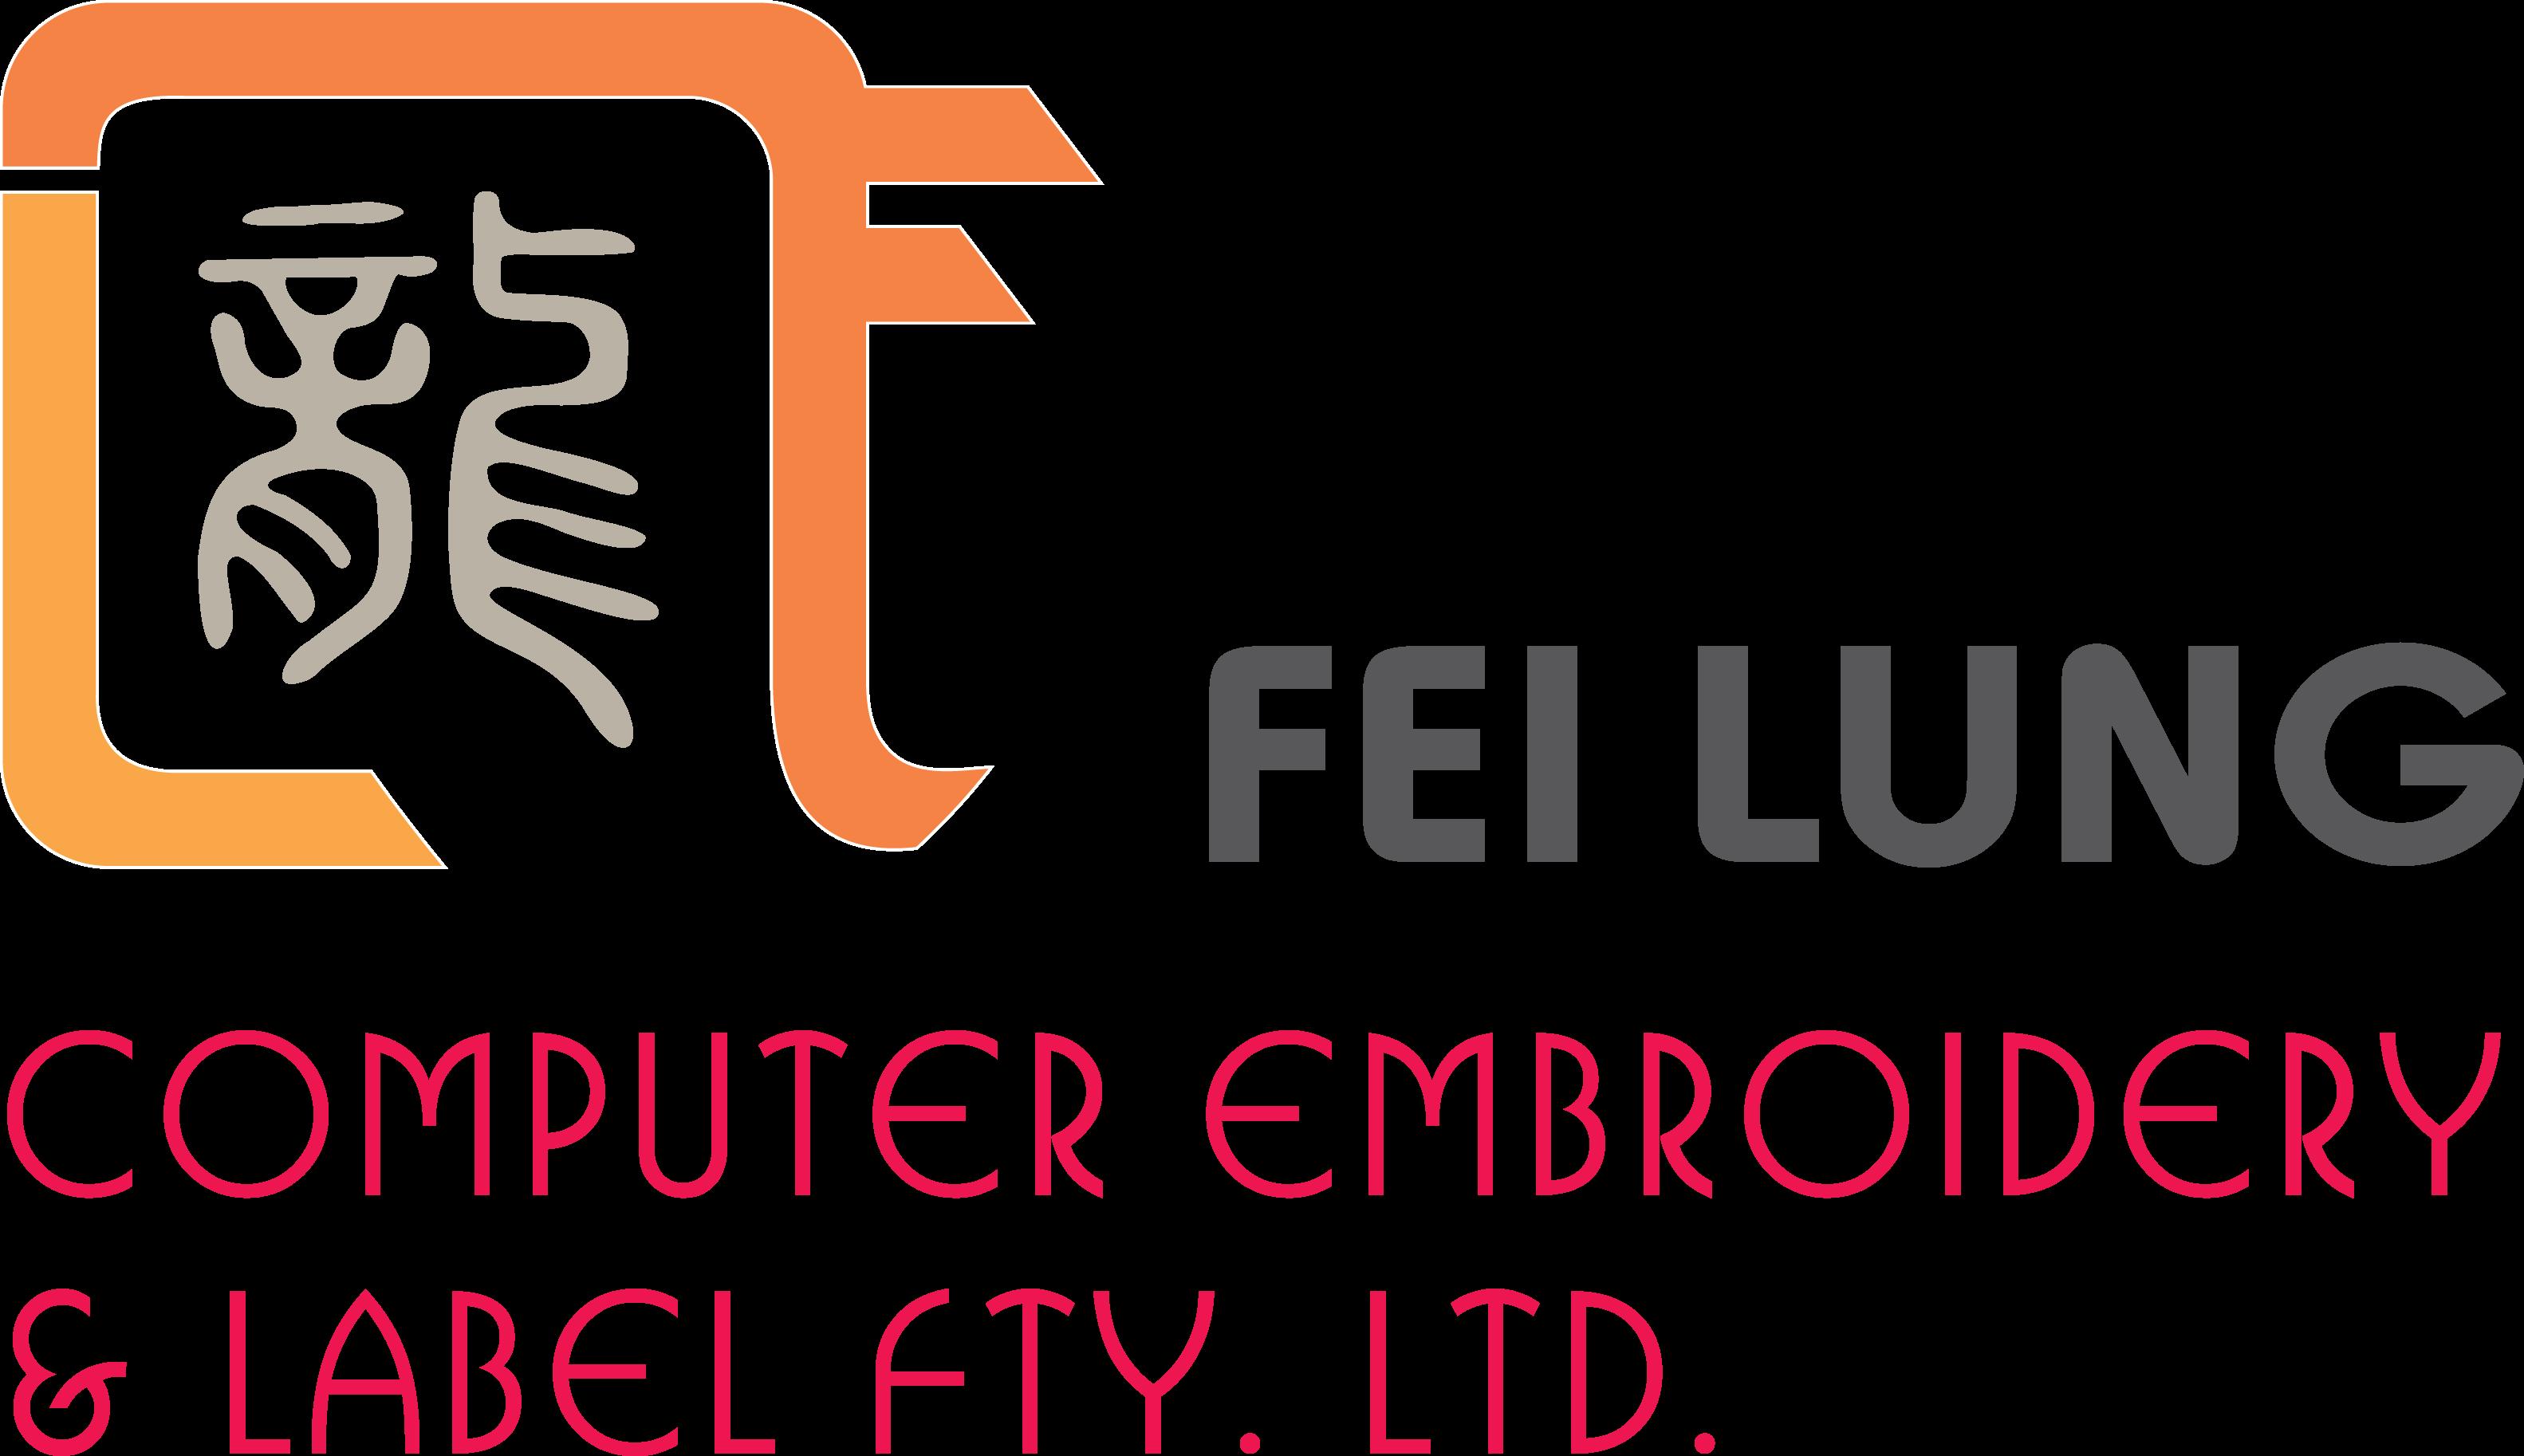 FeiLung